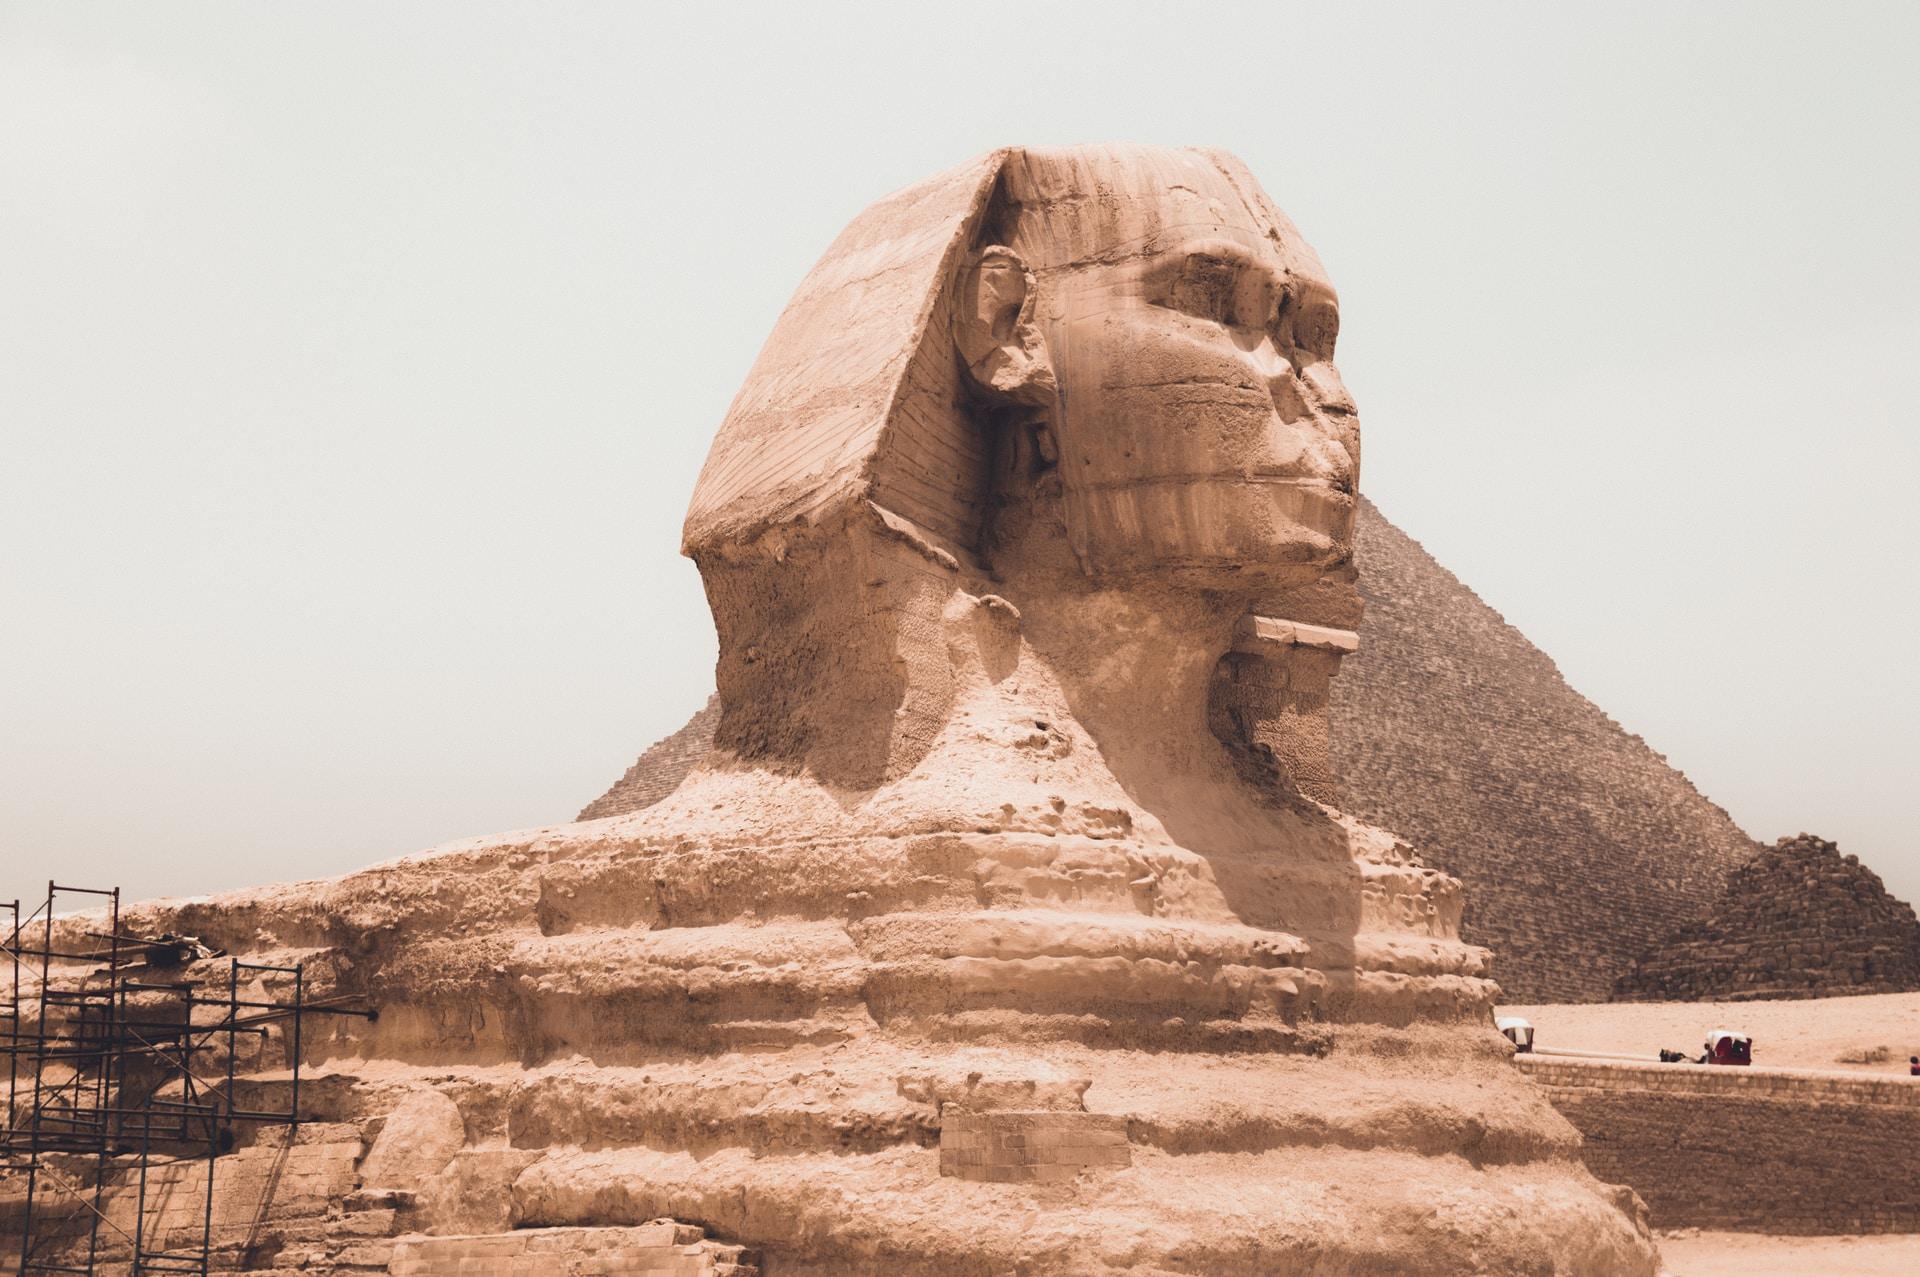 το νυφικό και οι αρχαίοι Αιγύπτιοι